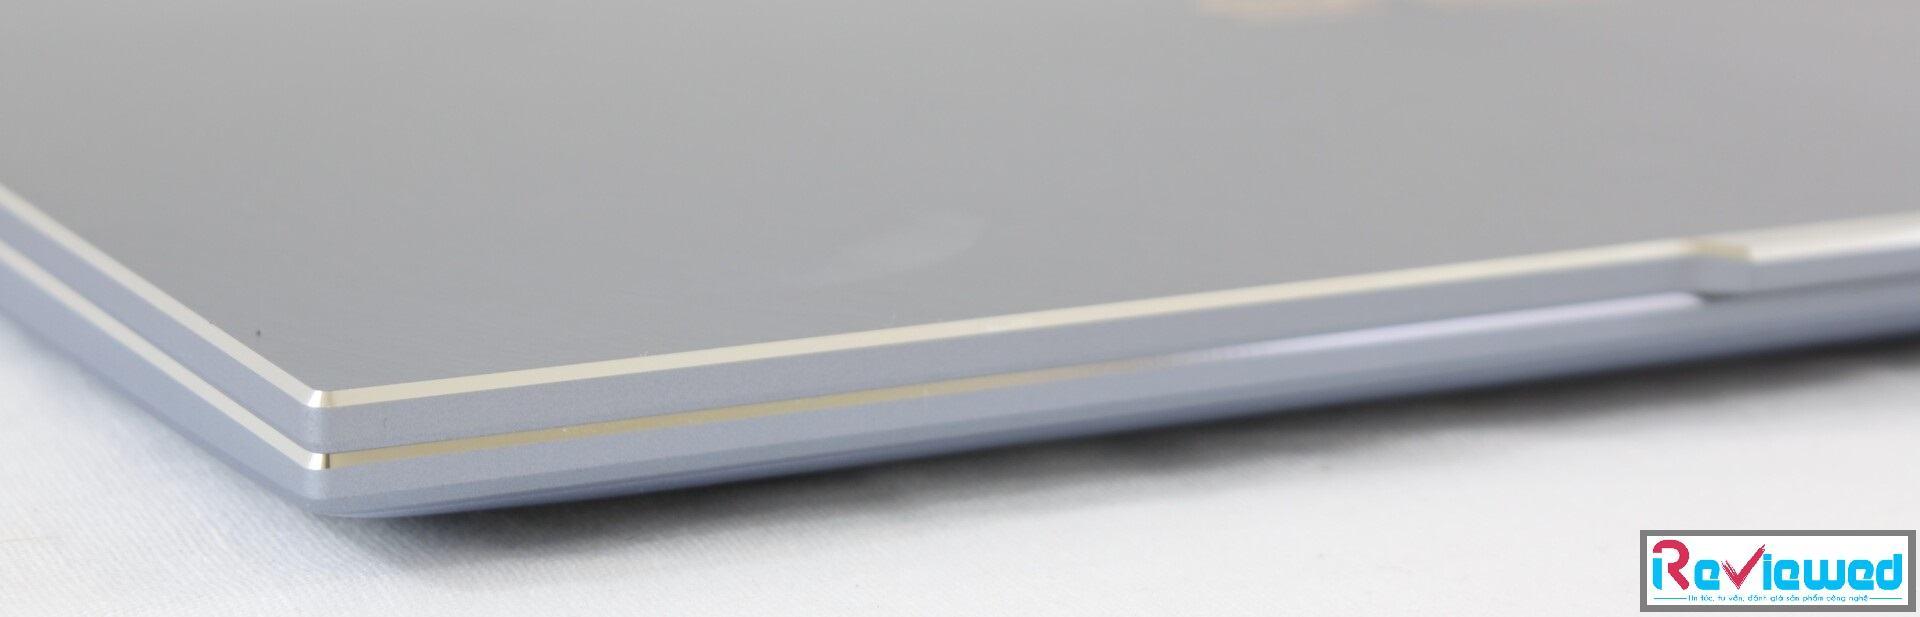 laptop Asus ZenBook S13 UX392FN